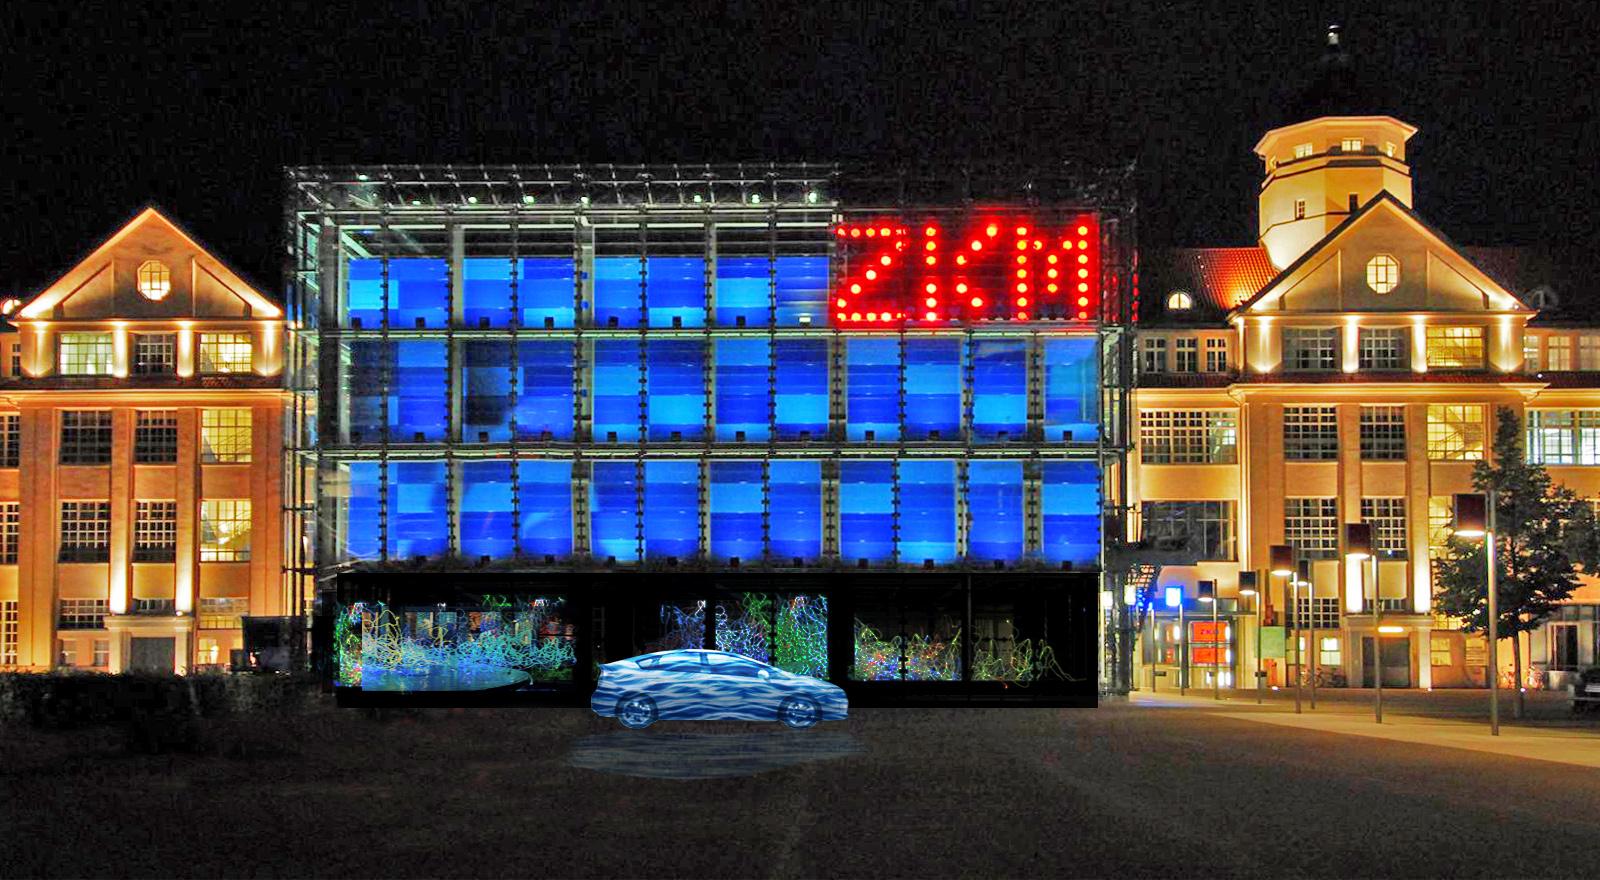 Karlsruhe Zkm Kinoprogramm